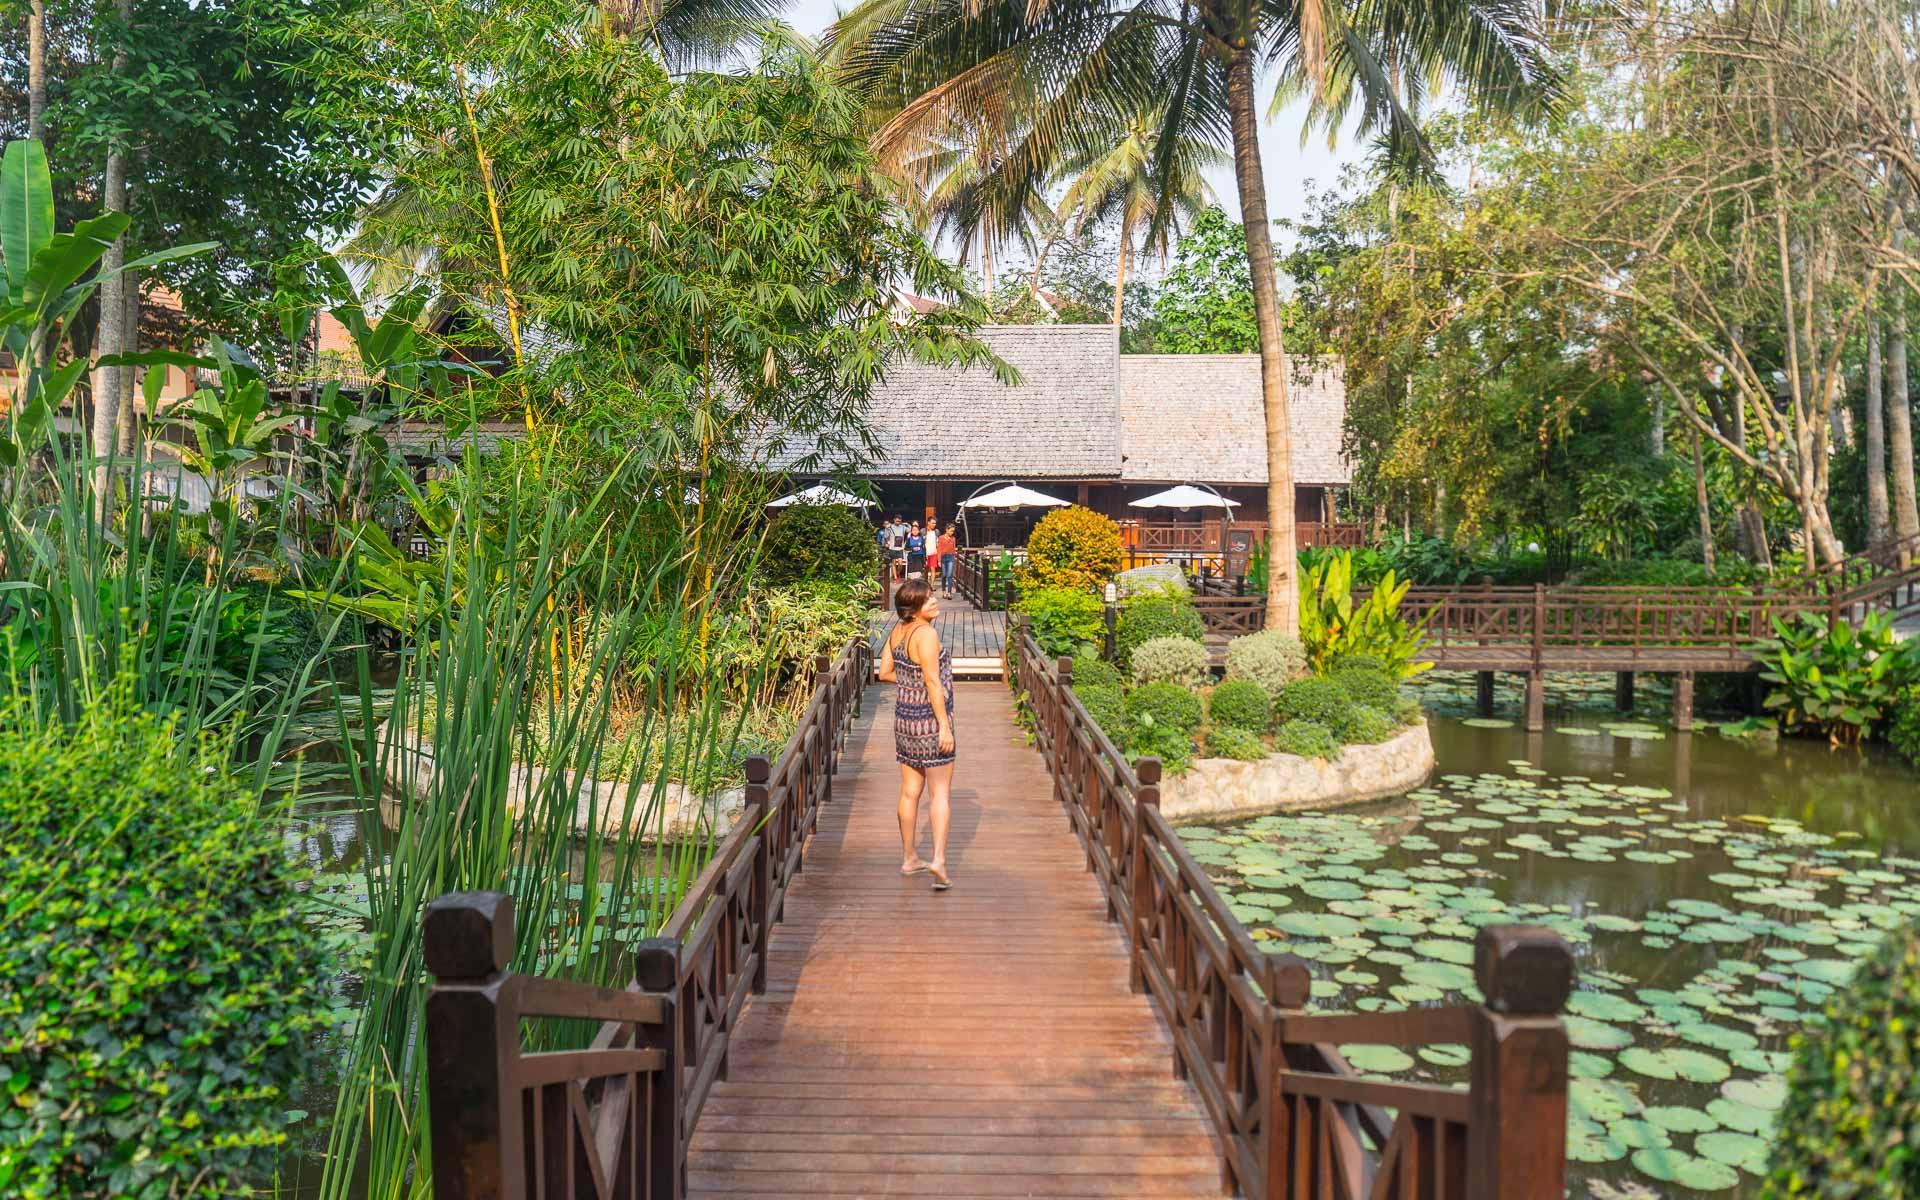 Lesvoyageuses-voyage-laos-luang-prabang-hotel-parasol-blanc-2